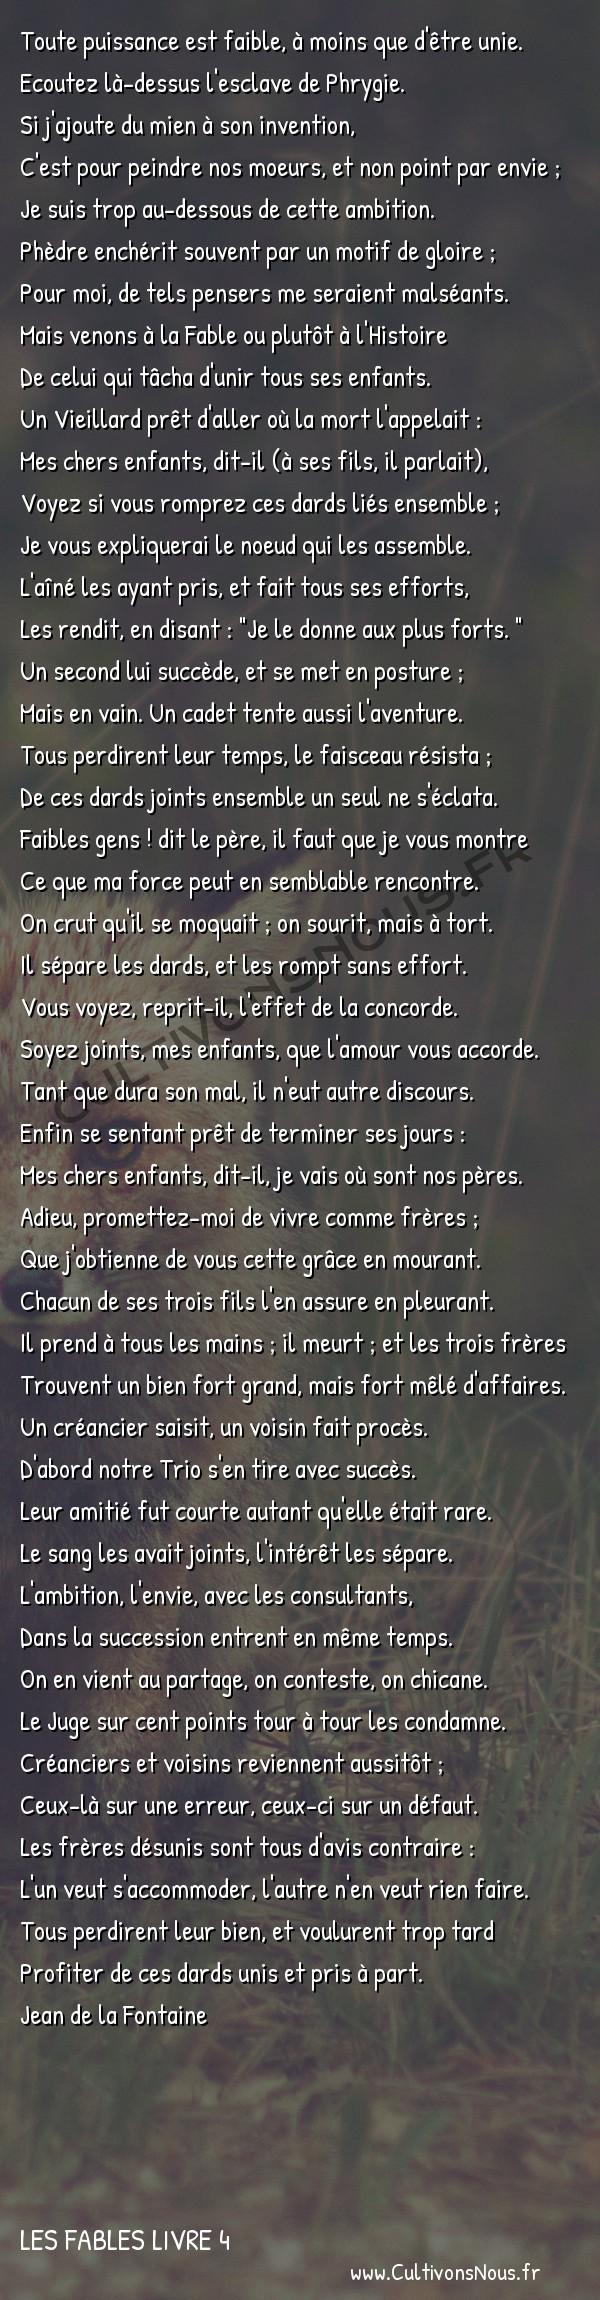 Fables Jean de la Fontaine - Les fables Livre 4 - Le Vieillard et ses Enfants -  Toute puissance est faible, à moins que d'être unie. Ecoutez là-dessus l'esclave de Phrygie.